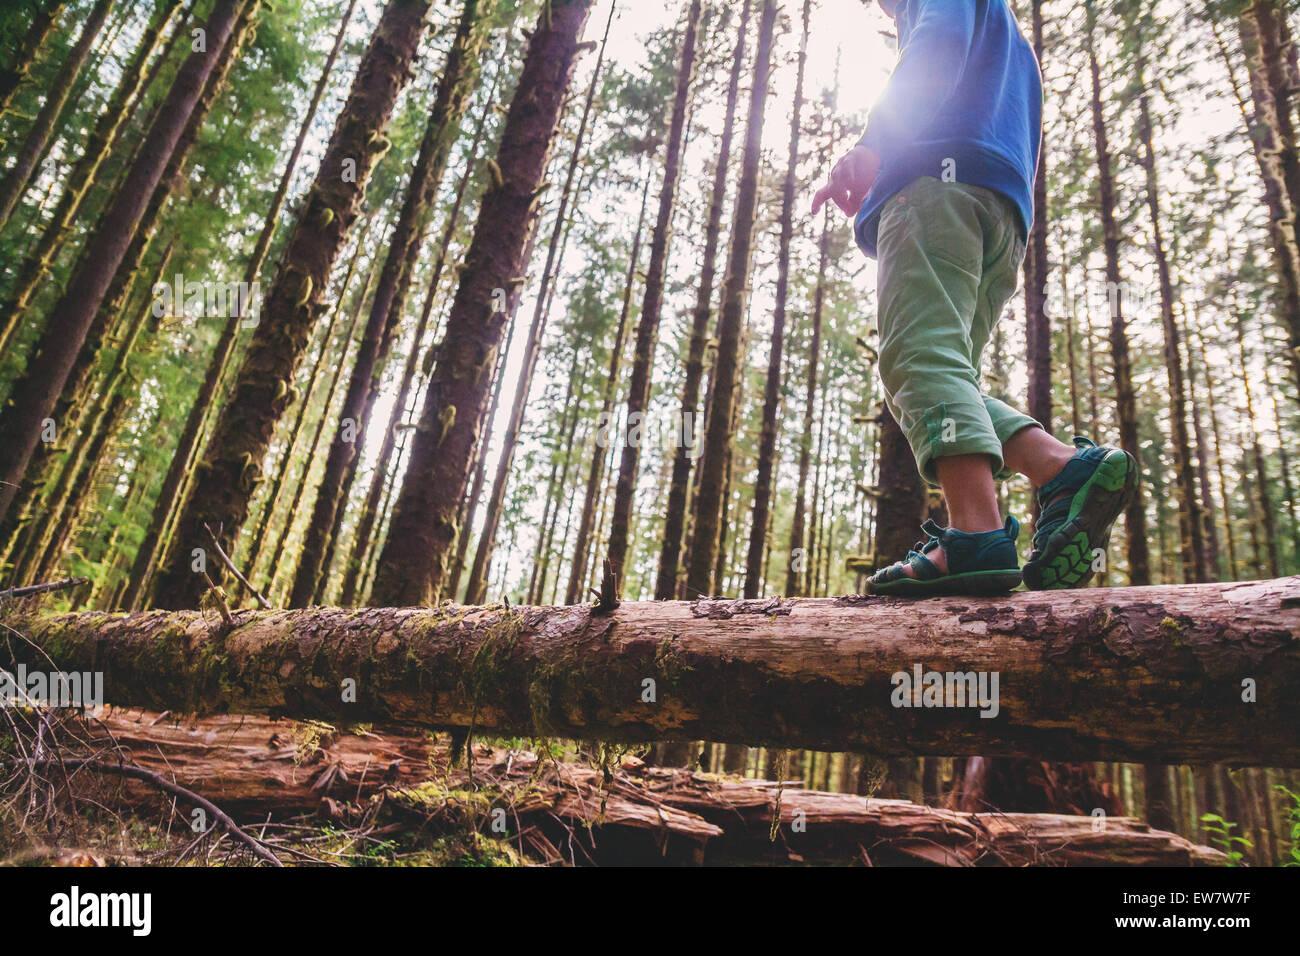 Basso angolo di visione di un ragazzo di camminare su un tronco di albero Immagini Stock